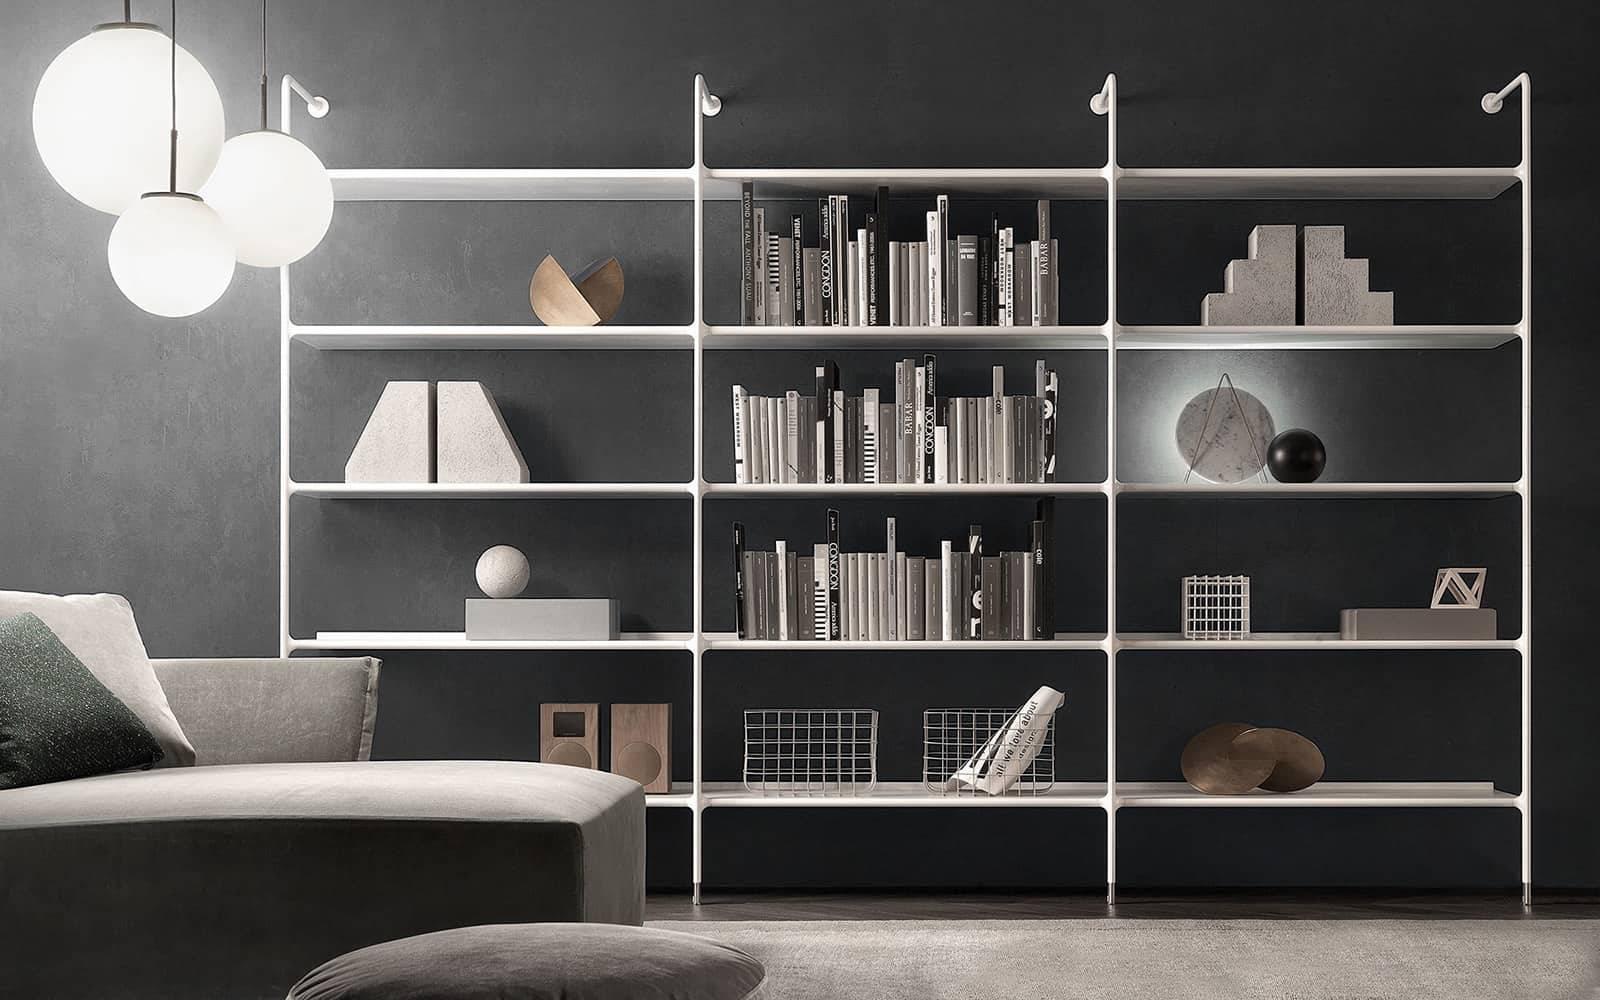 luxe witte boekenkast muurbevestiging Rimadesio wind. Wit glazen legplanken en wit aluminium frame